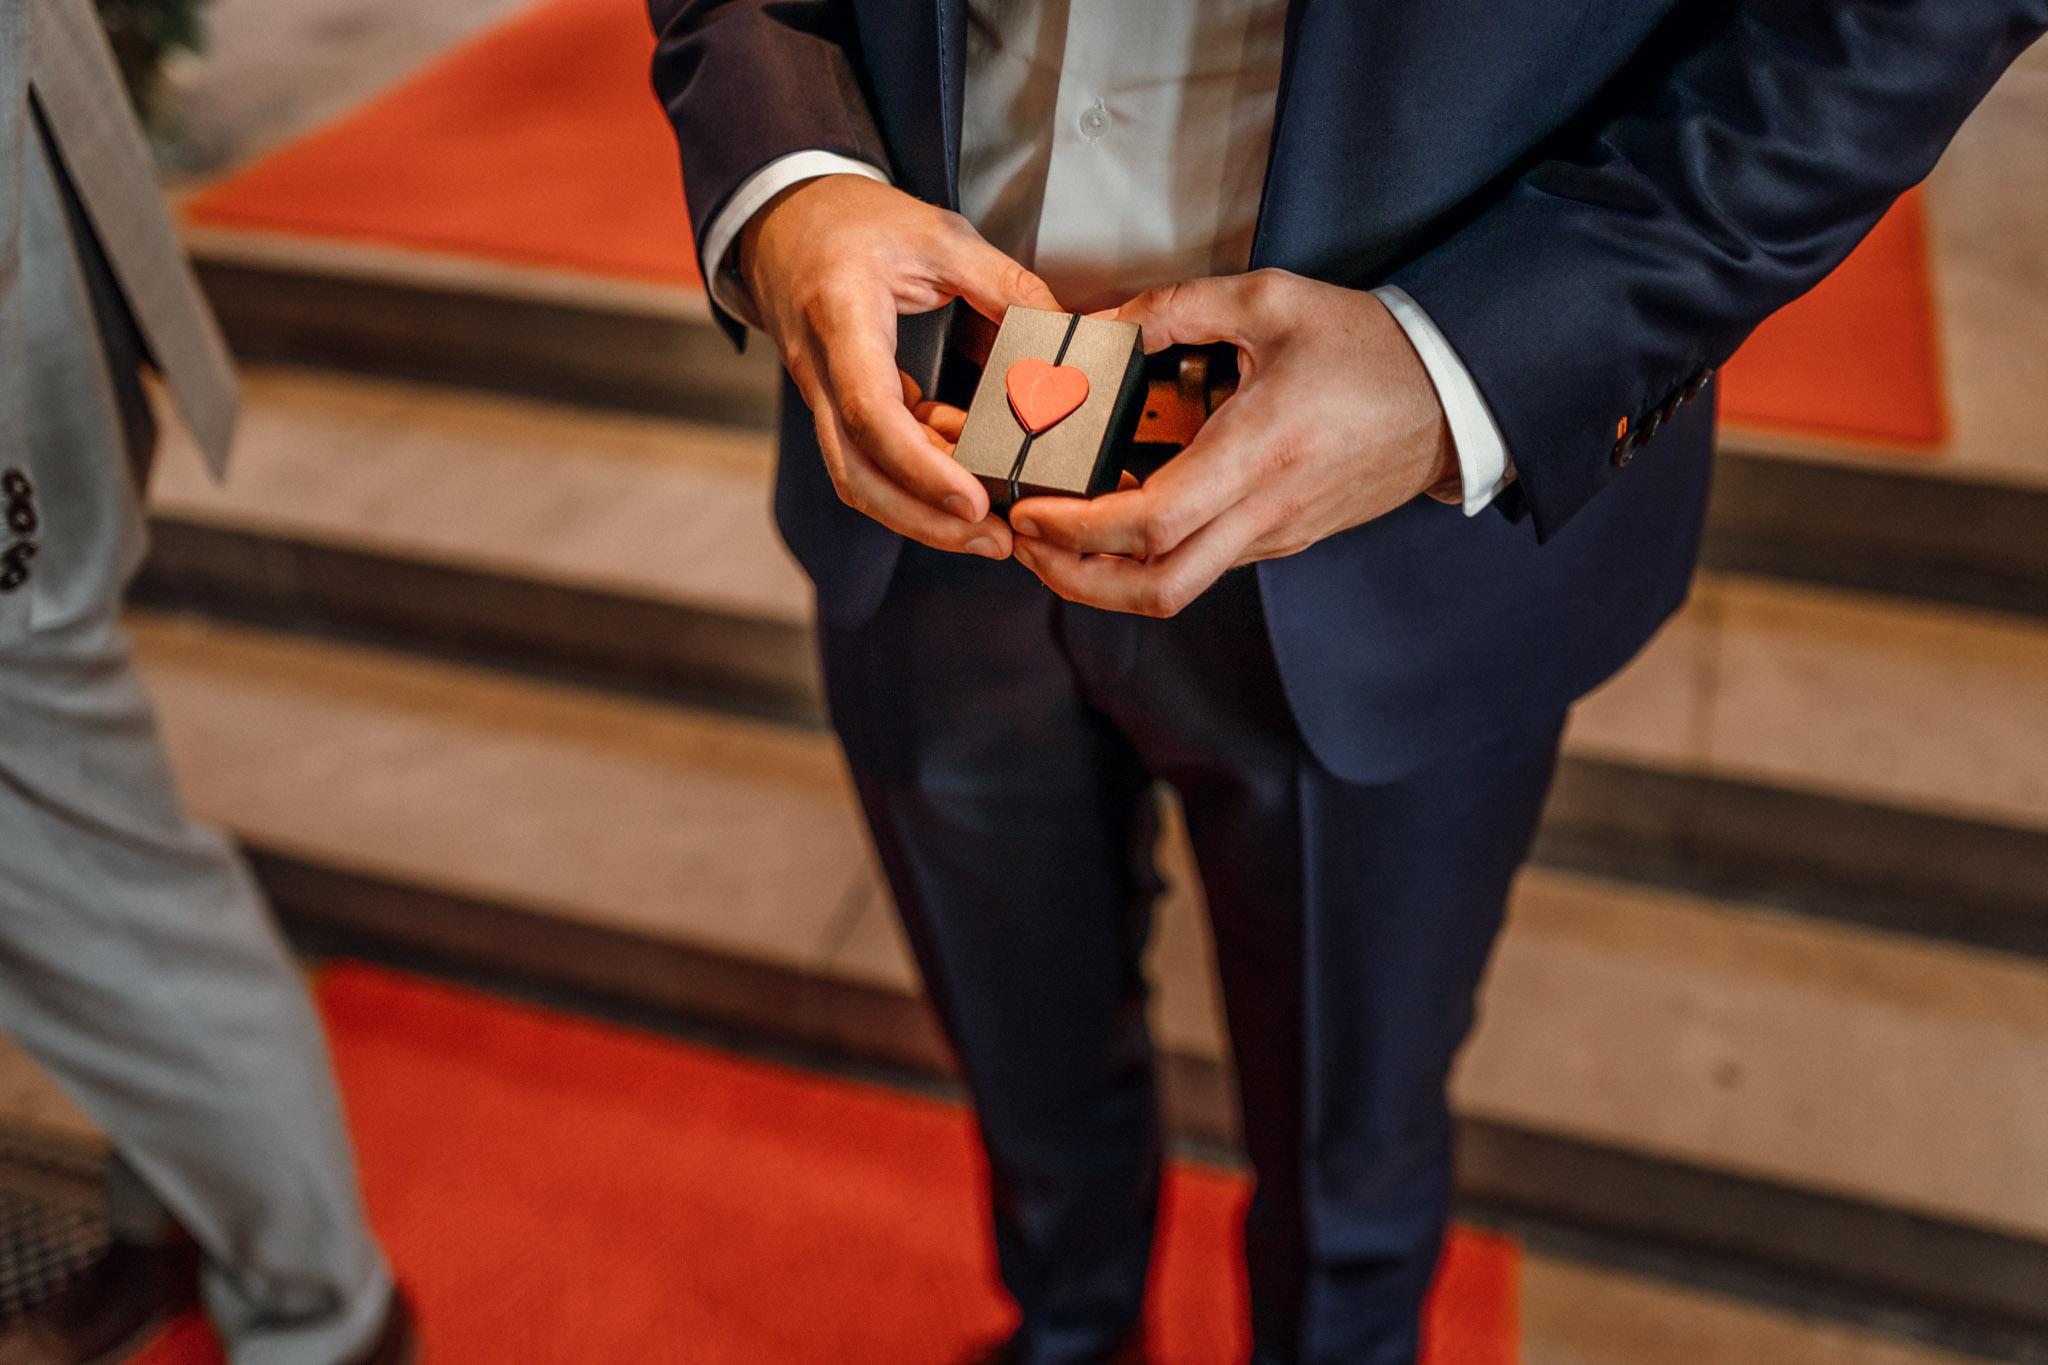 Sven Schomburg Hochzeitsfotografie, Hamburg, Mölln, Hochzeitsfieber by Photo-Schomburg, Hochzeitsreportage, Forsthaus Waldhusen, Braut, Bräutigam-12